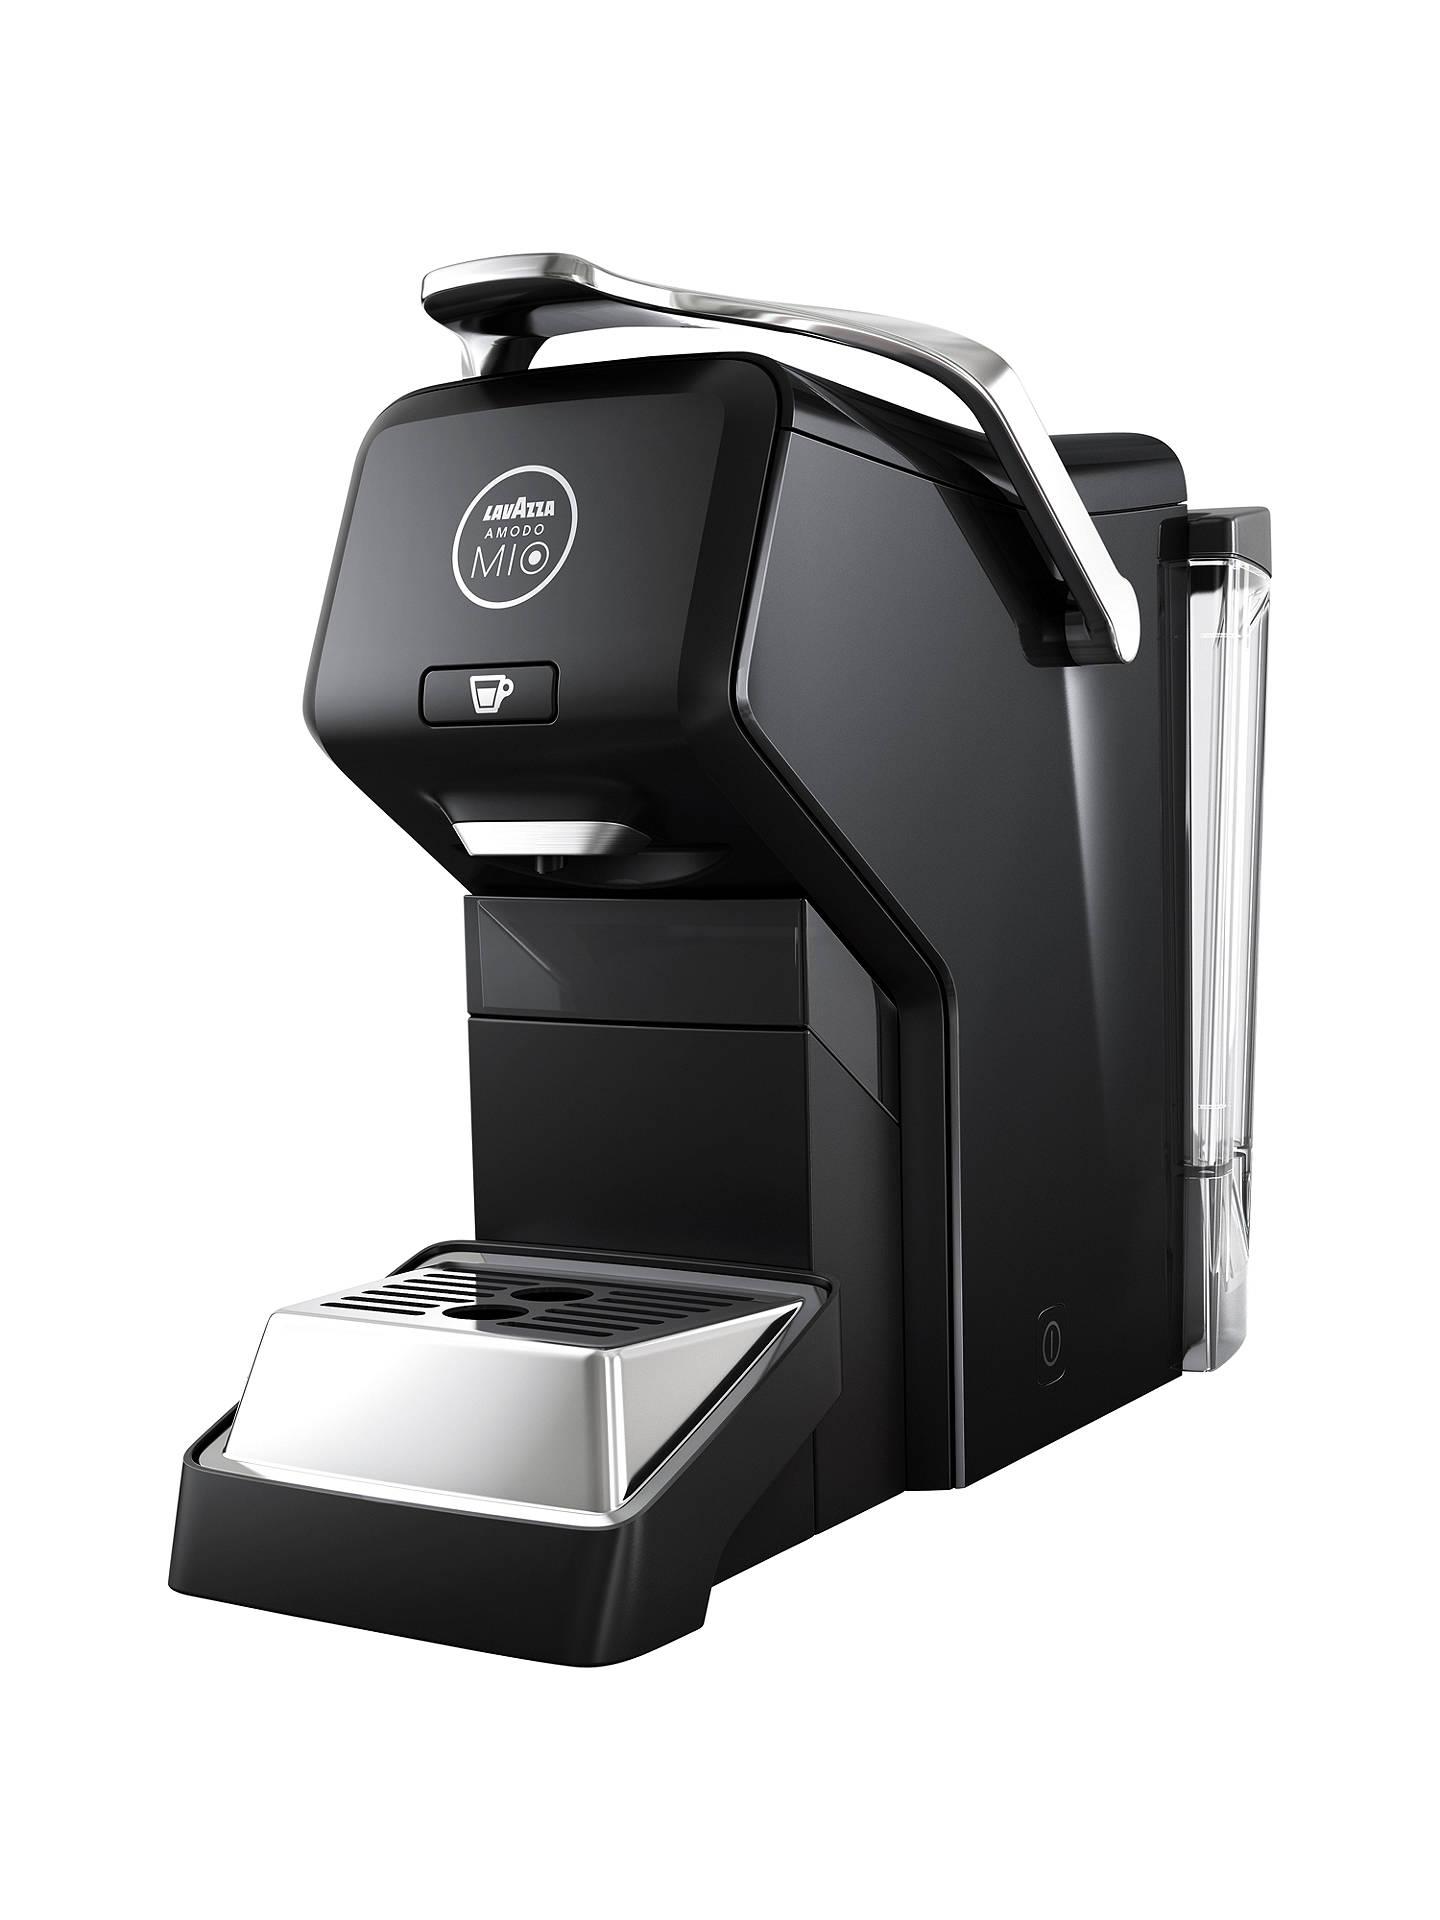 Lavazza A Modo Mio Espria Lm3100 U Espresso Machine At John Lewis - Lavazza-a-modo-mio-espresso-machine